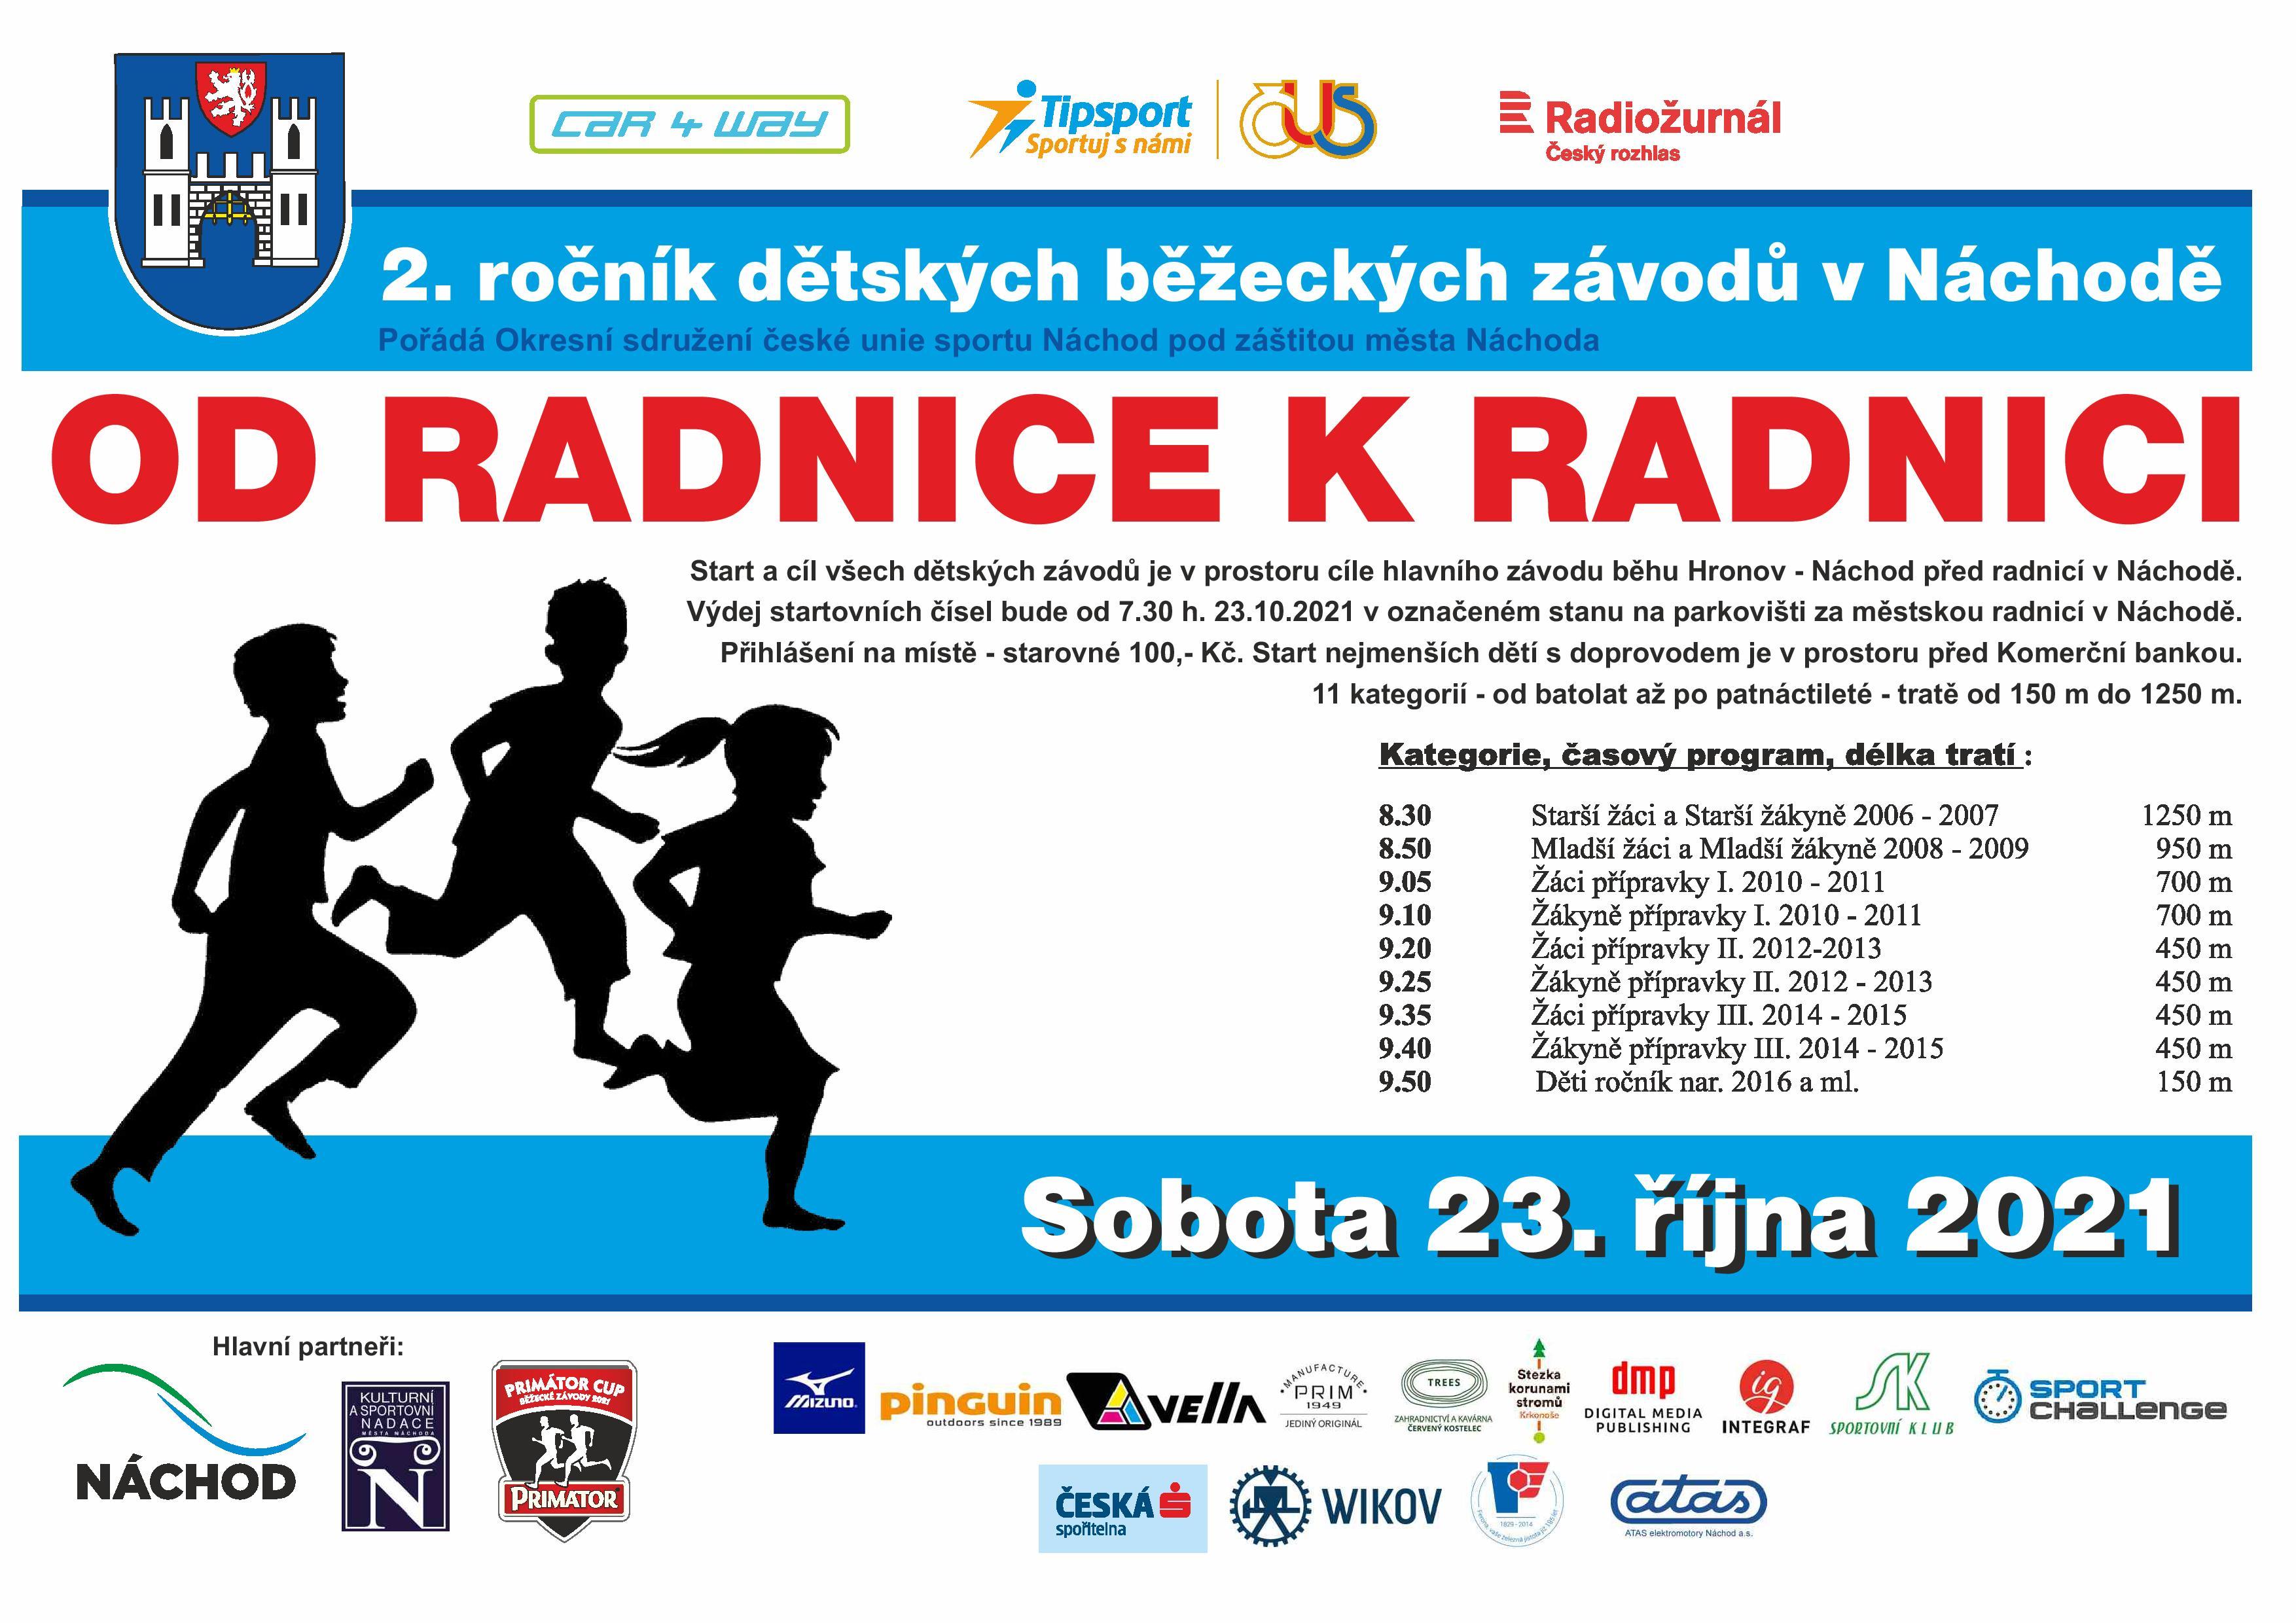 2. ročník dětského běžeckého závodu OD RADNICE K RADNICI